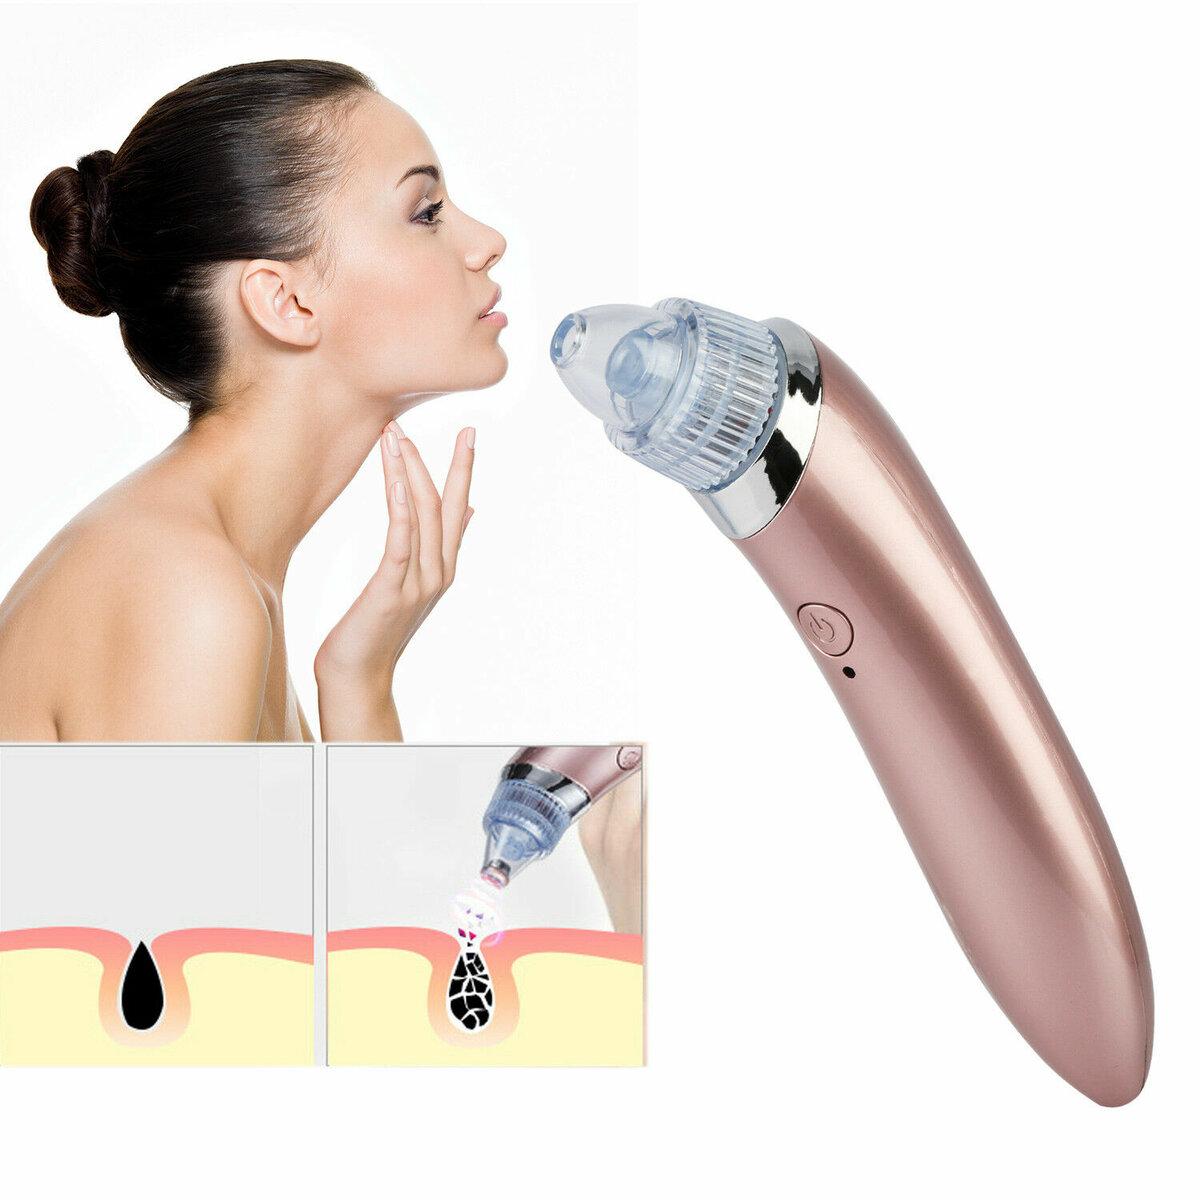 Профессиональный вакуумный очиститель кожи Beauty Skin Care Specialist в Переславле-Залесском